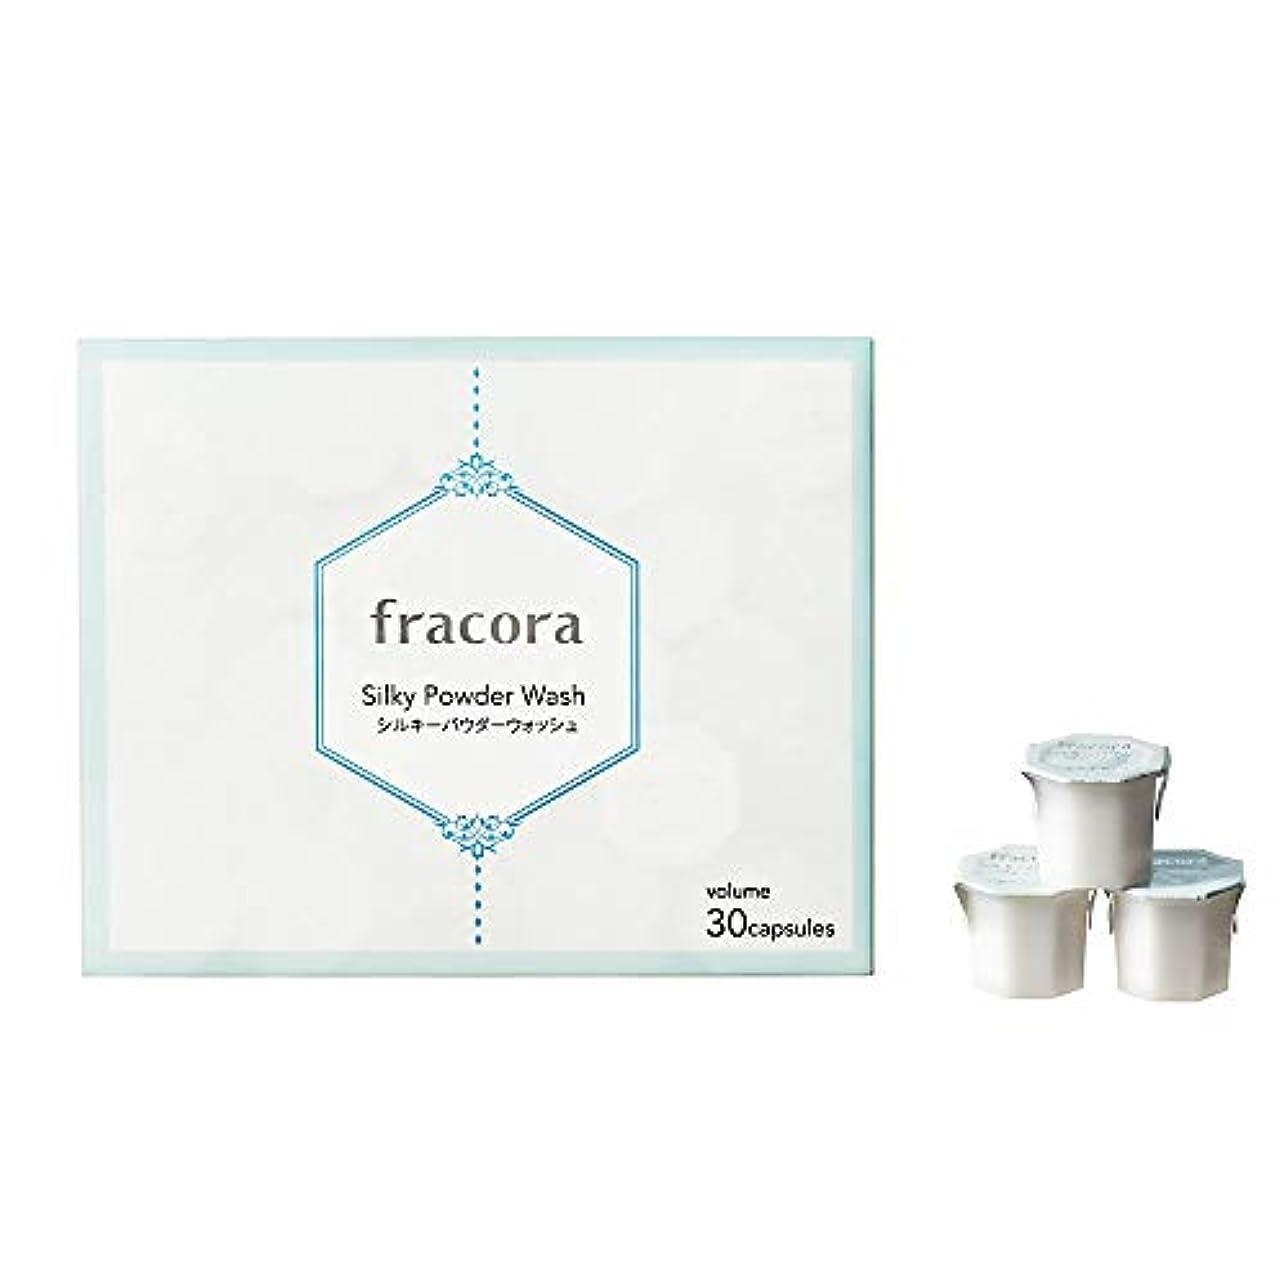 出力剣神経衰弱fracora(フラコラ) 酵素洗顔 シルキーパウダーウォッシュ 30カプセル入